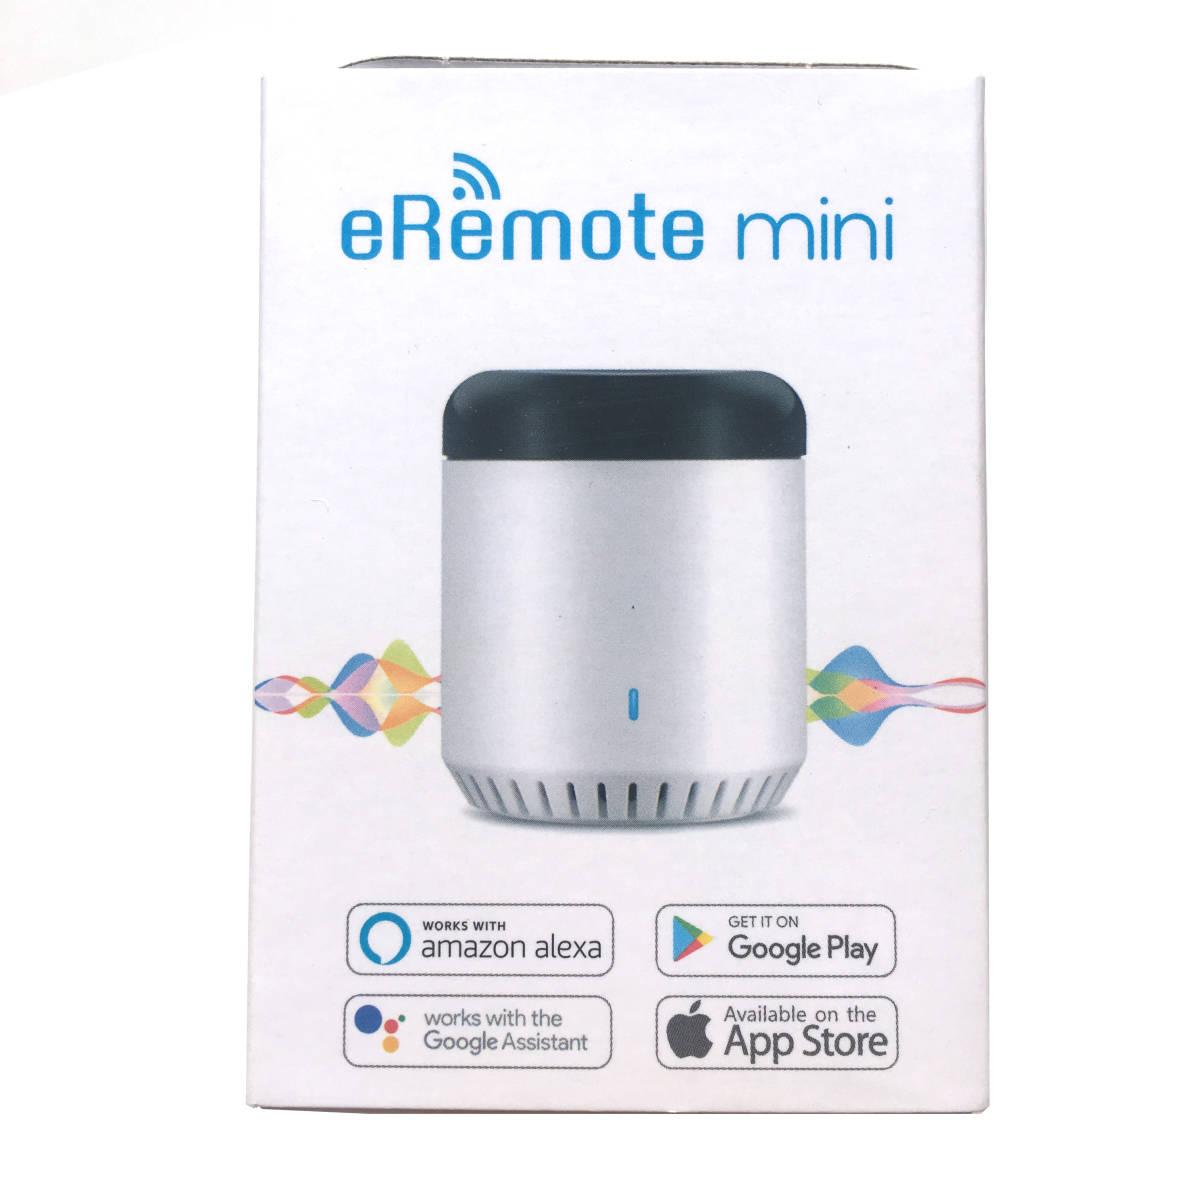 【新品・未開封】 Amazon echo show 5 Alexa 対応 スマートスピーカー + LinkJapan eRemote mini IoT リモコン セット IFTTT対応_画像7